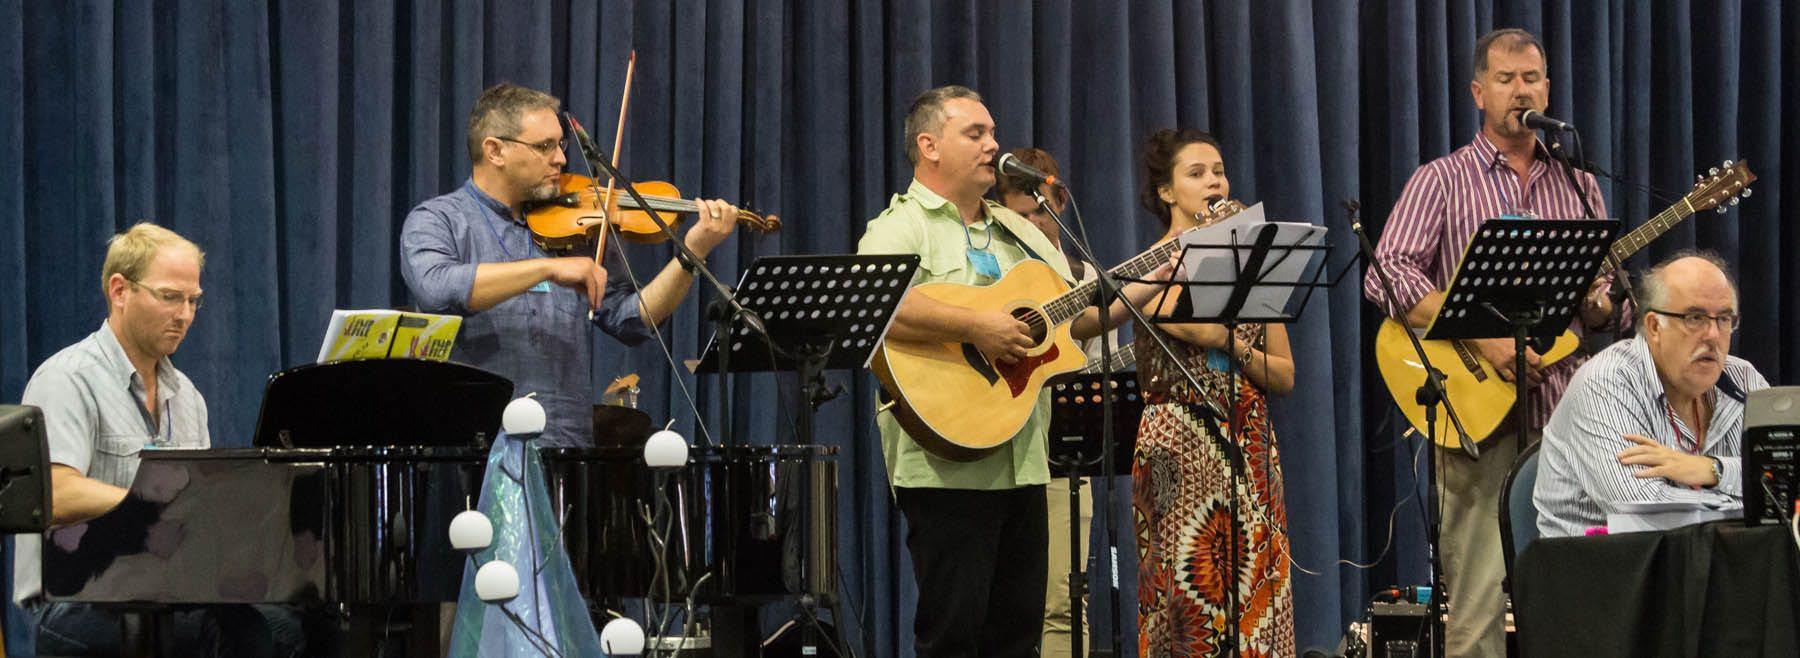 Die musiekspan van Vonnk en Flam op die verhoog. Hulle begelei die Algemene Sinode se musiek. Foto: Louise Jackson